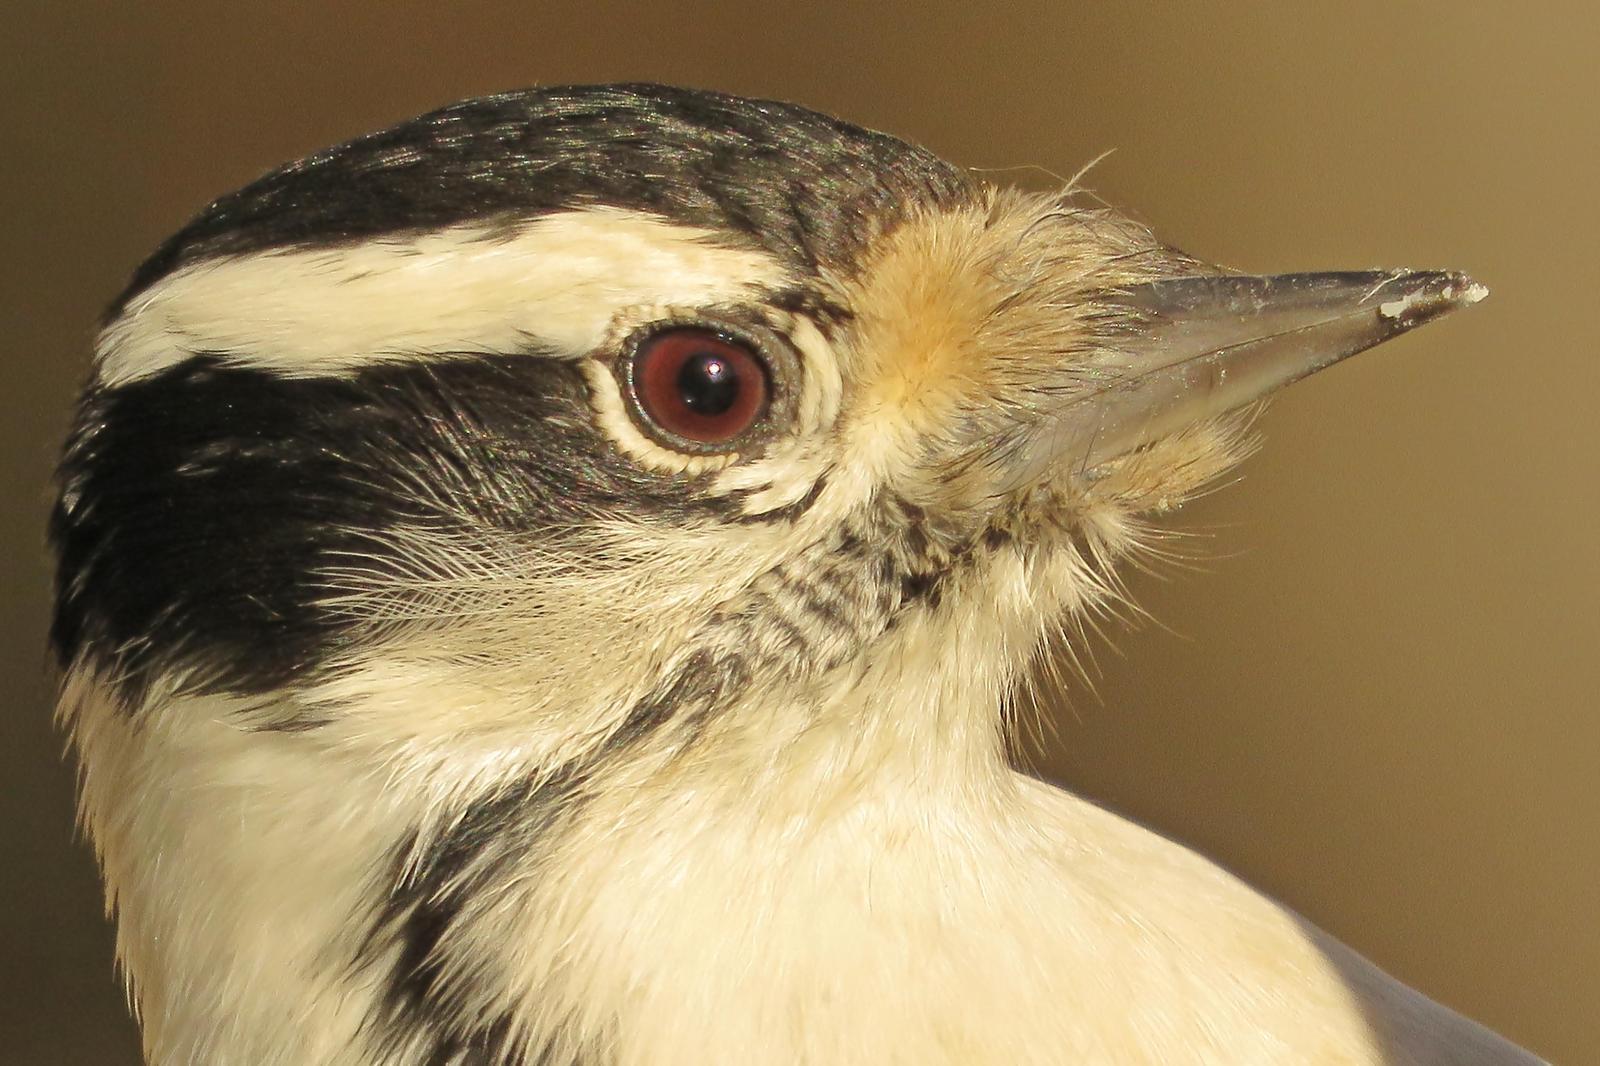 Downy Woodpecker Photo by Bob Neugebauer